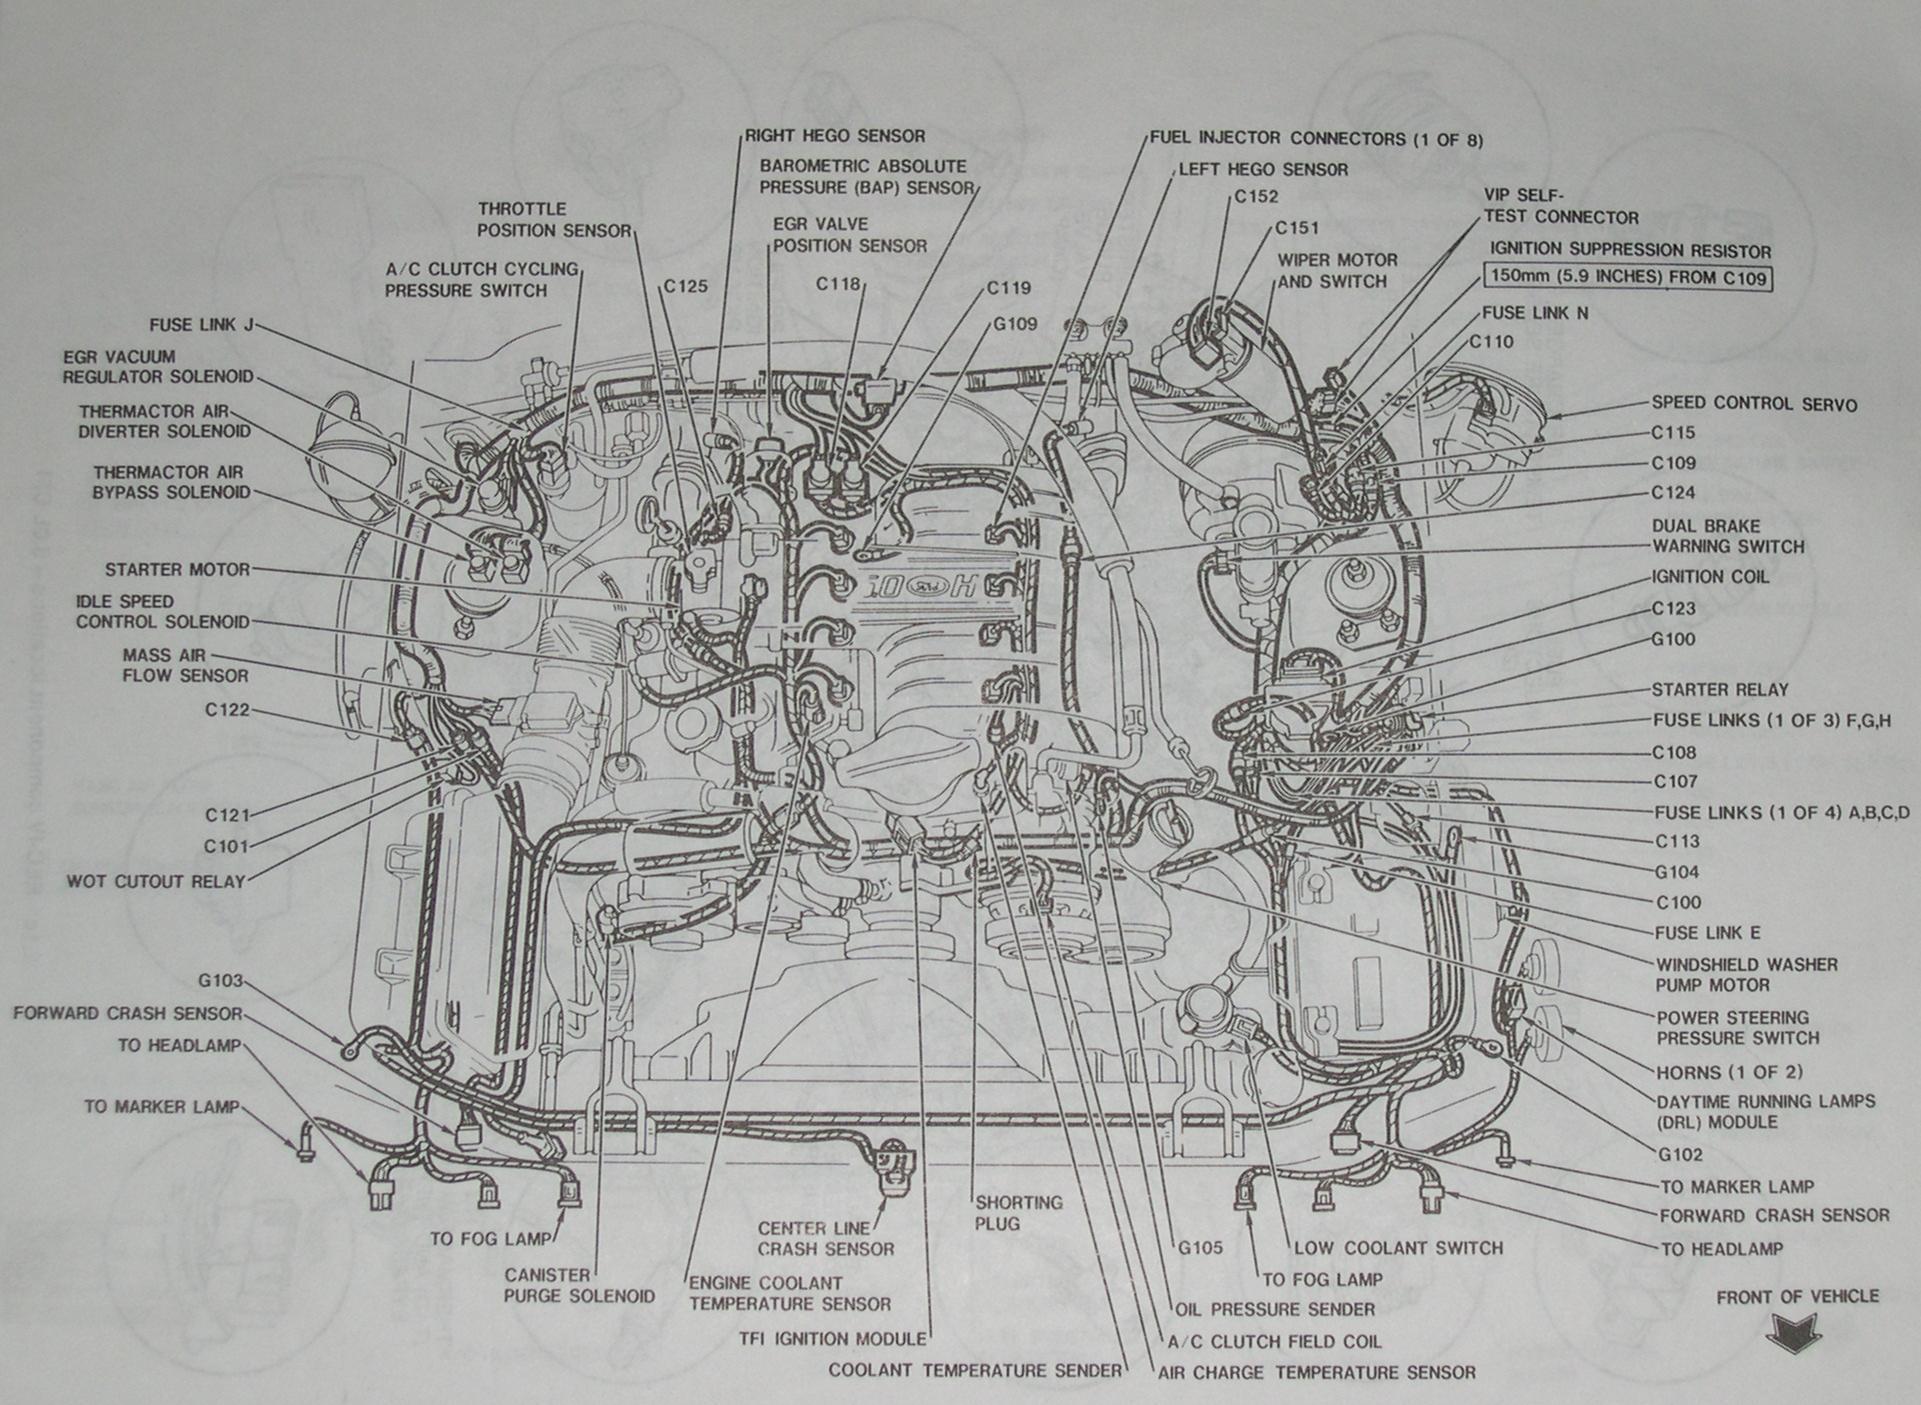 94 Mustang Wiring Diagram - Engine Wiring Diagram on